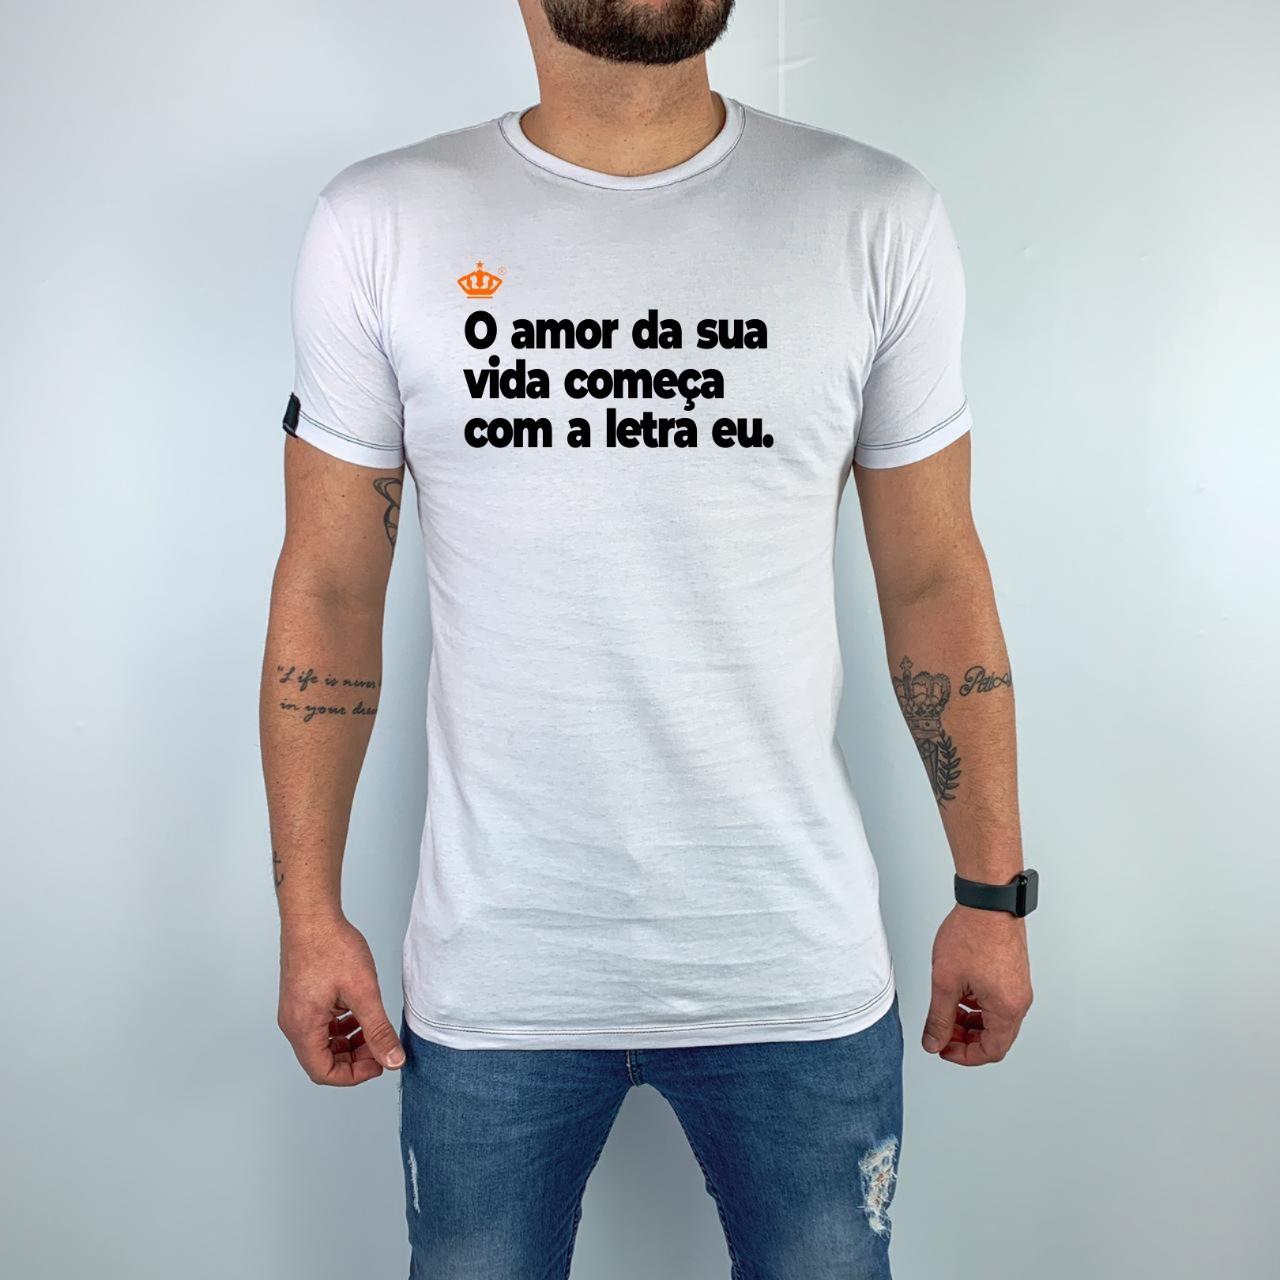 Camiseta O amor da sua vida começa com a letra eu